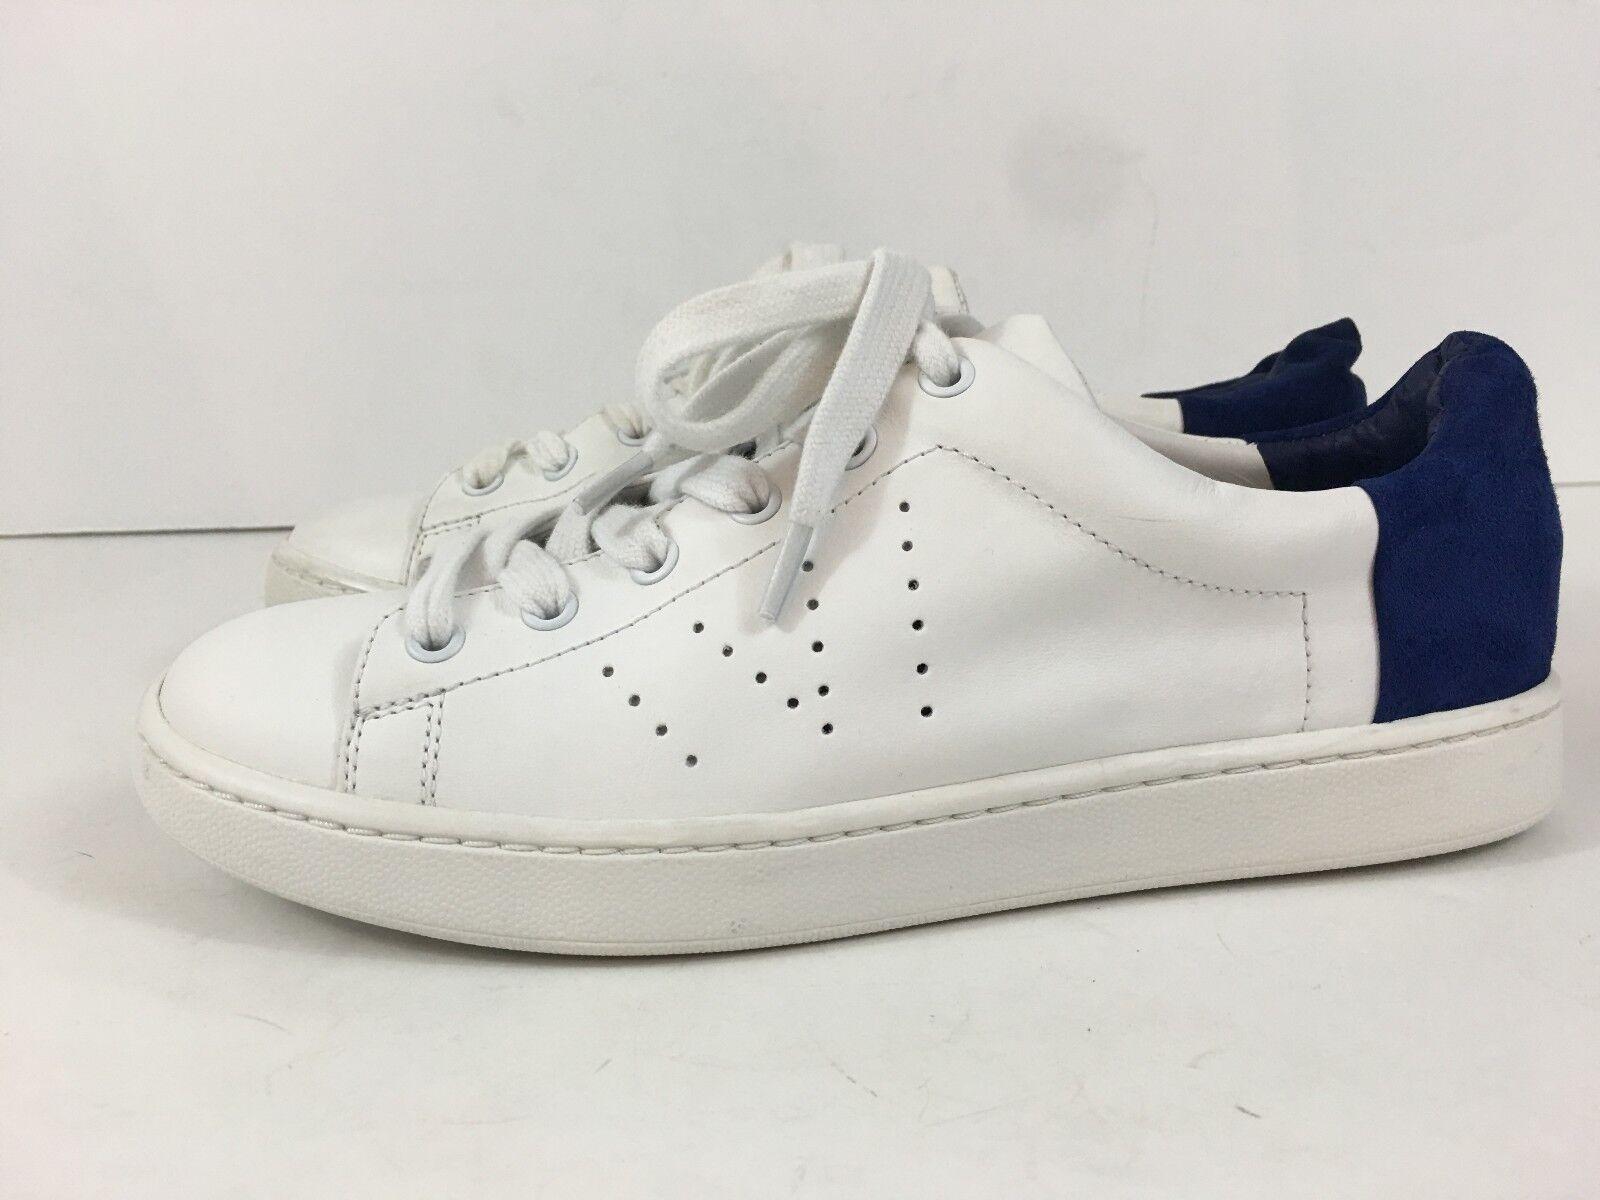 NEW VINCE VARIN bianca LEATHER COBALT SUEDE LOW scarpe da da da ginnastica Dimensione US 6  355 d2c762